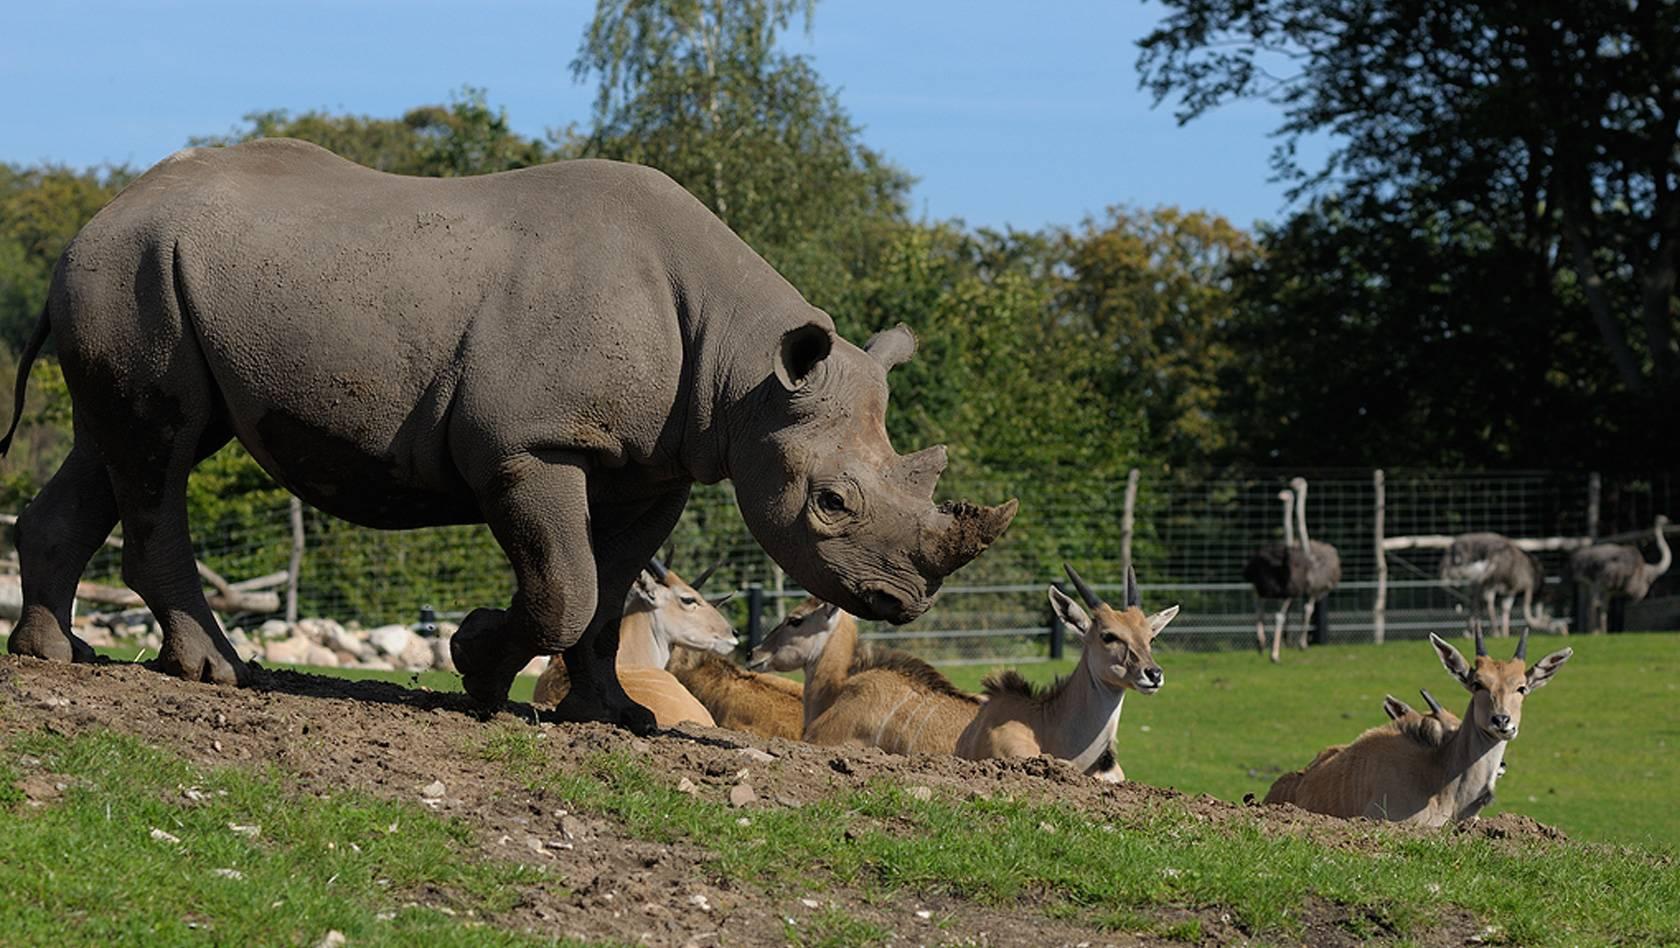 Зоопарк Ганновера – парк впечатлений и неожиданностей